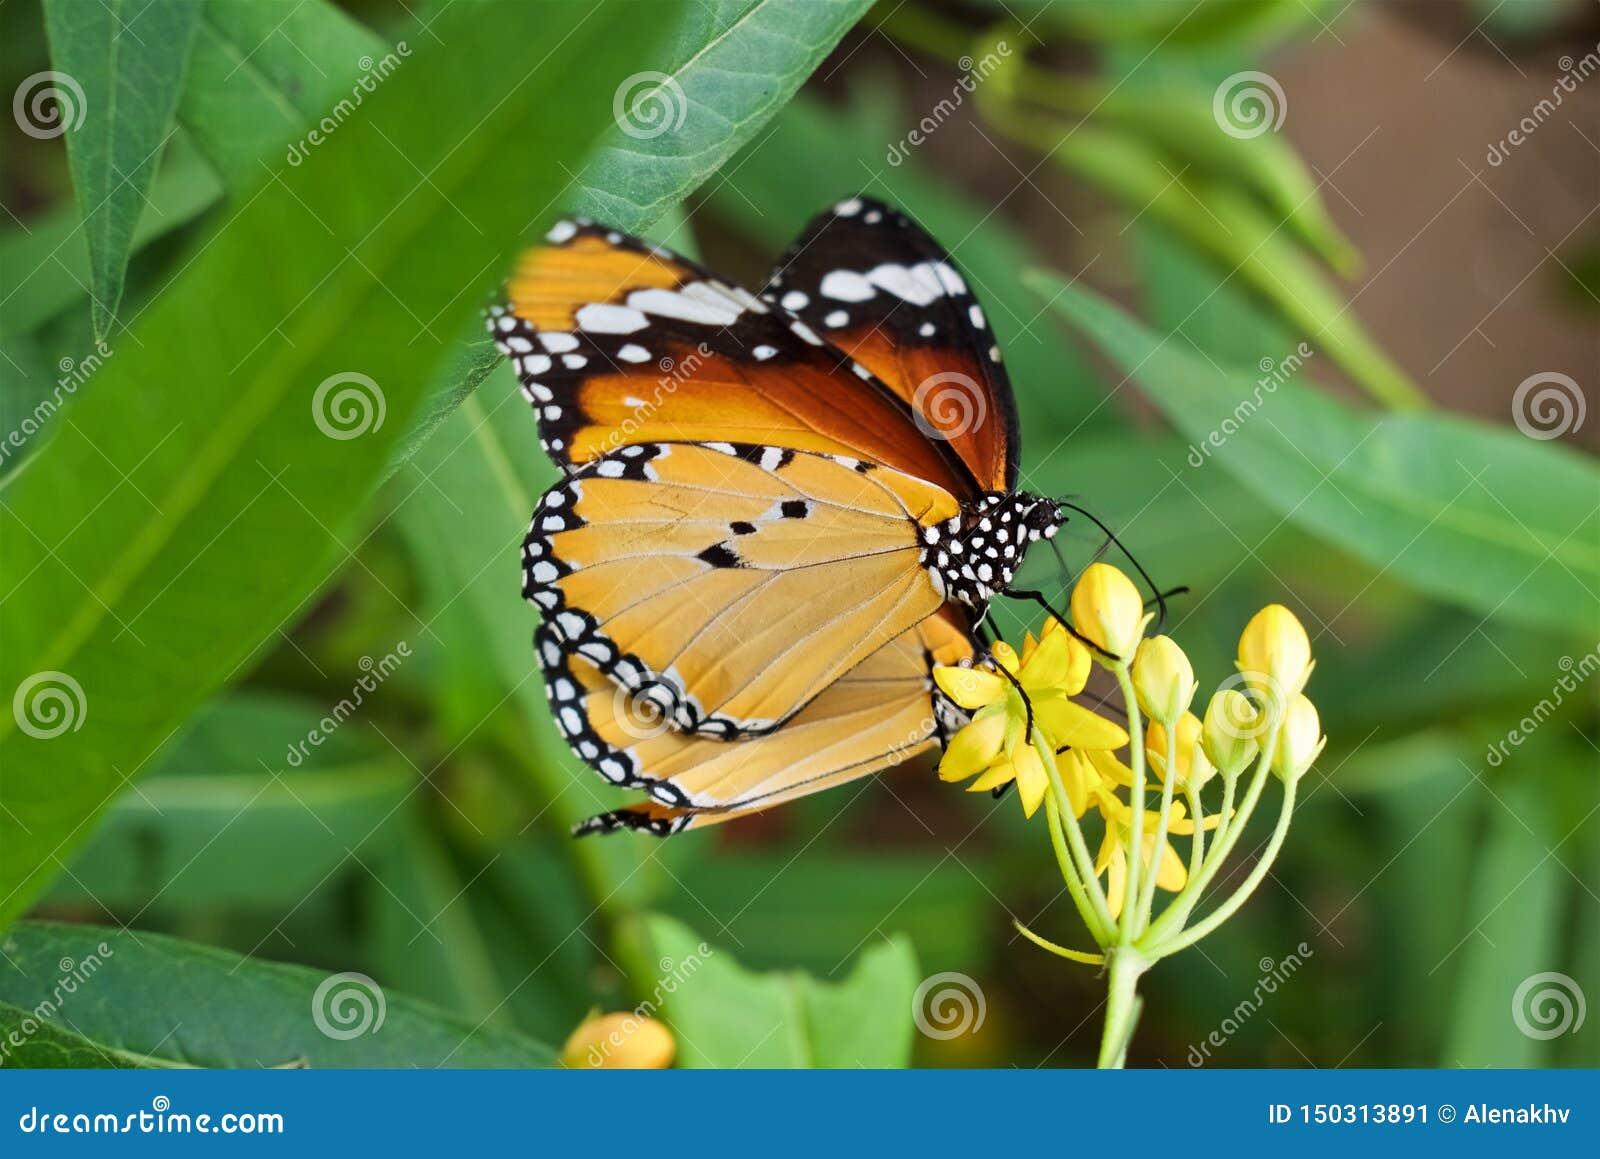 Κλείστε επάνω την πεταλούδα chrysippus Danaus με τα yellow-orange φτερά κάθεται σε ένα κίτρινο λουλούδι